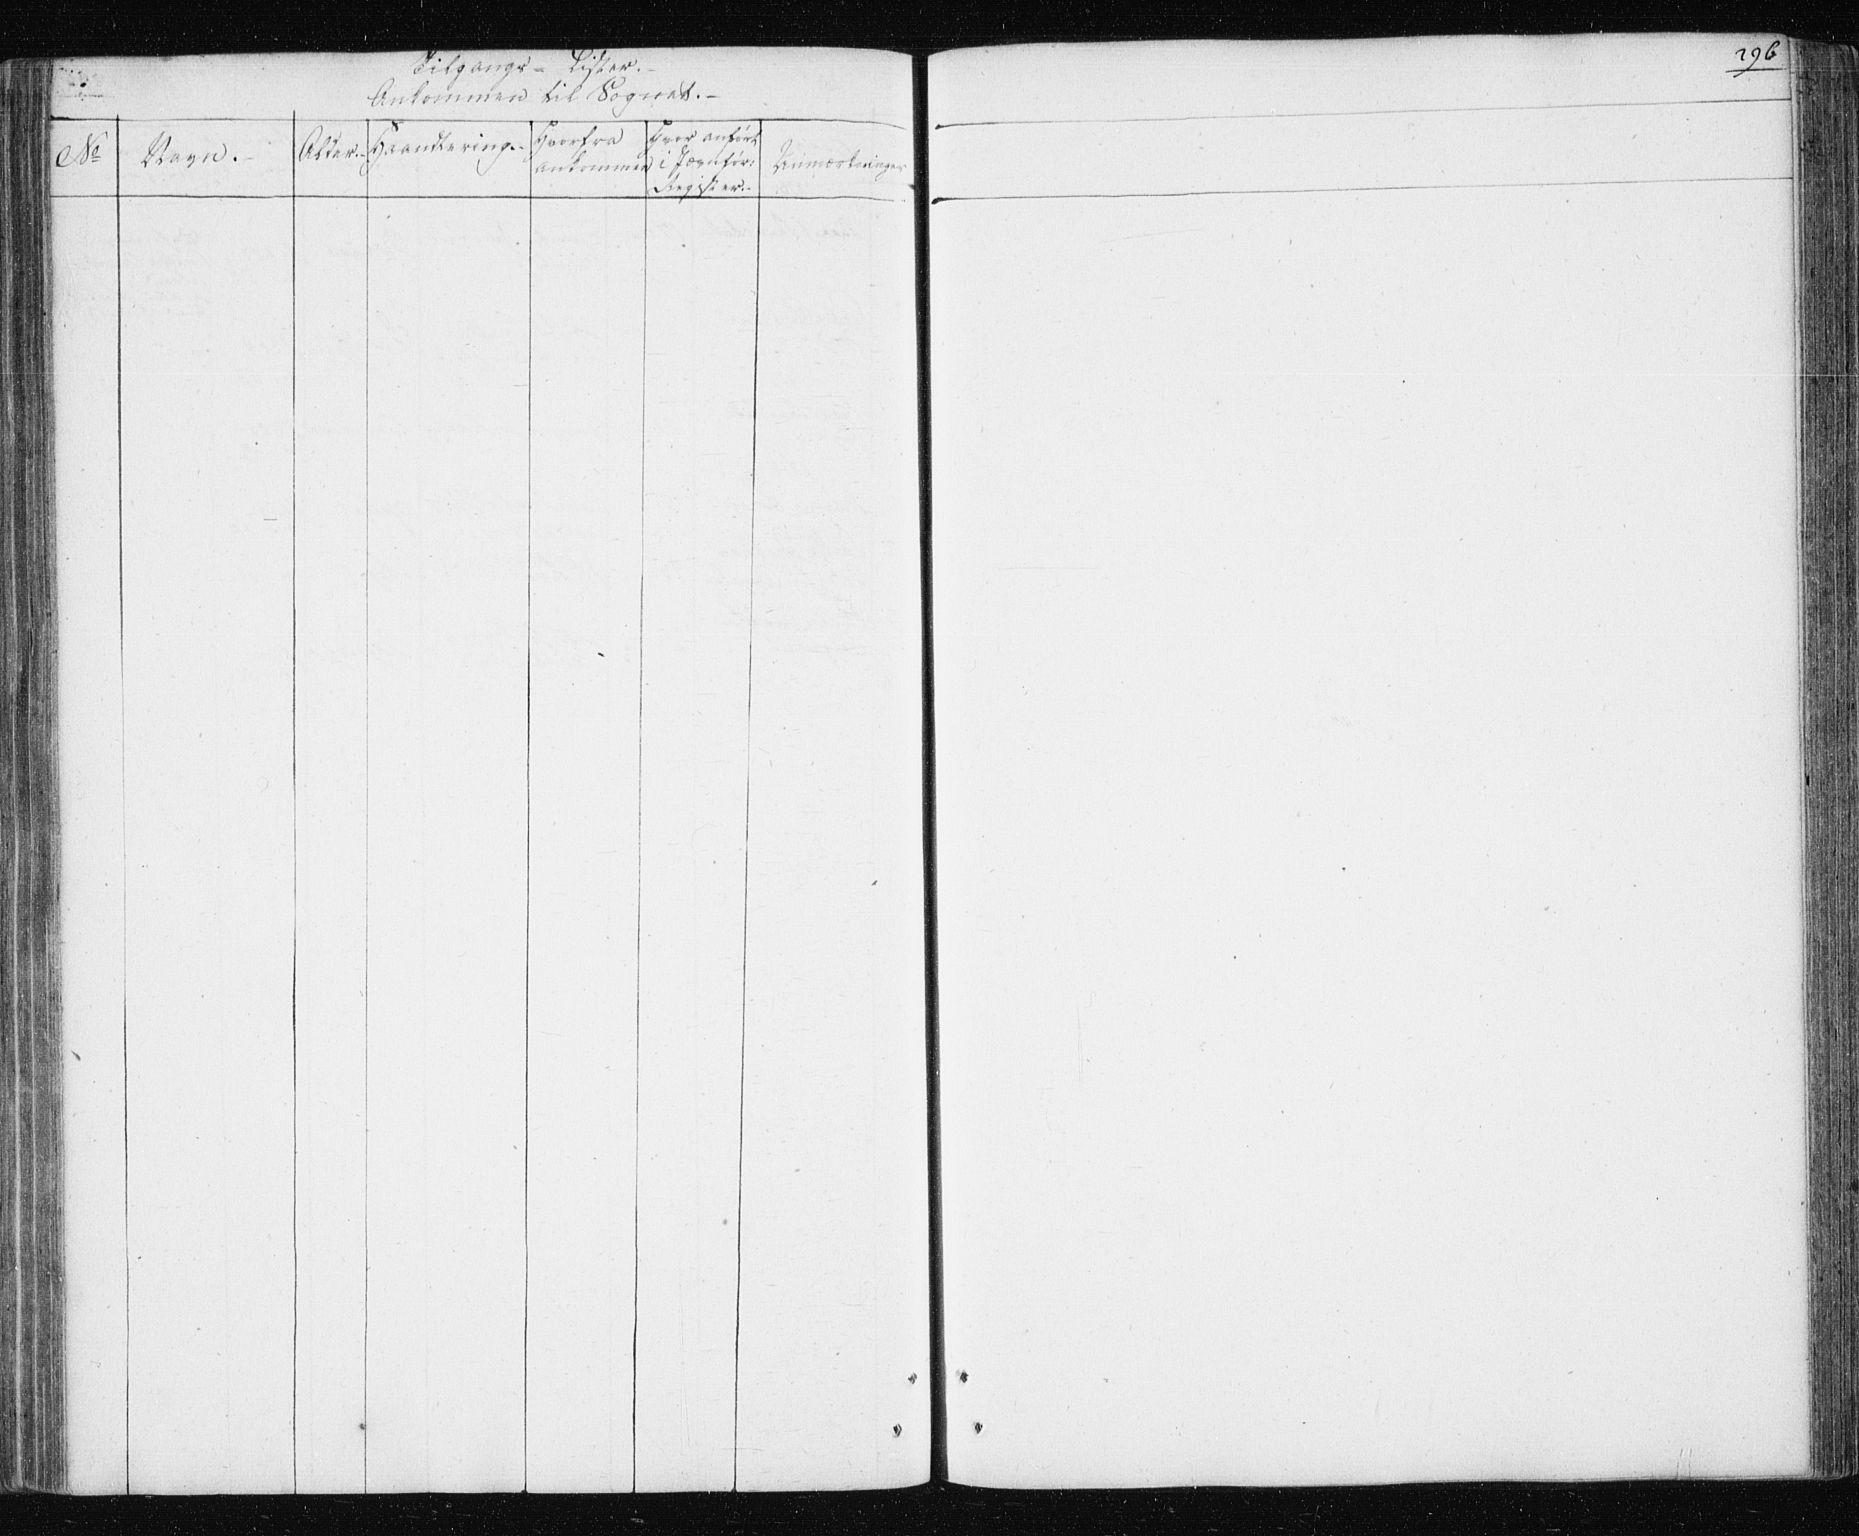 SAT, Ministerialprotokoller, klokkerbøker og fødselsregistre - Sør-Trøndelag, 687/L1017: Klokkerbok nr. 687C01, 1816-1837, s. 296